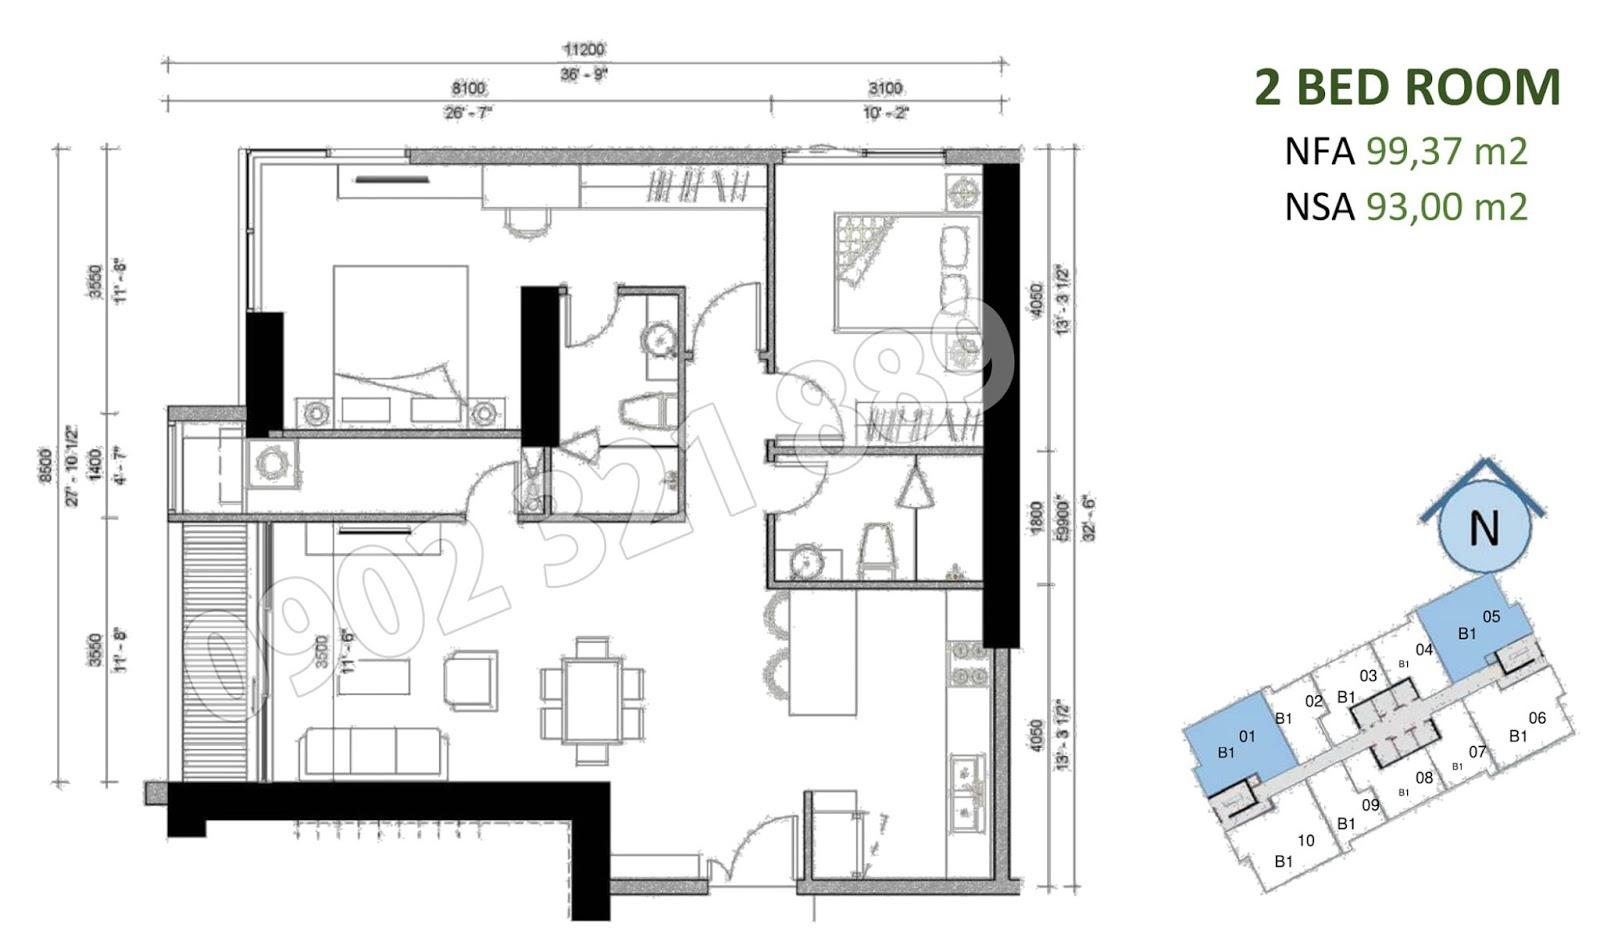 mặt bằng căn hộ sunwah pearl 2 phòng ngủ B1-01 và B1-05